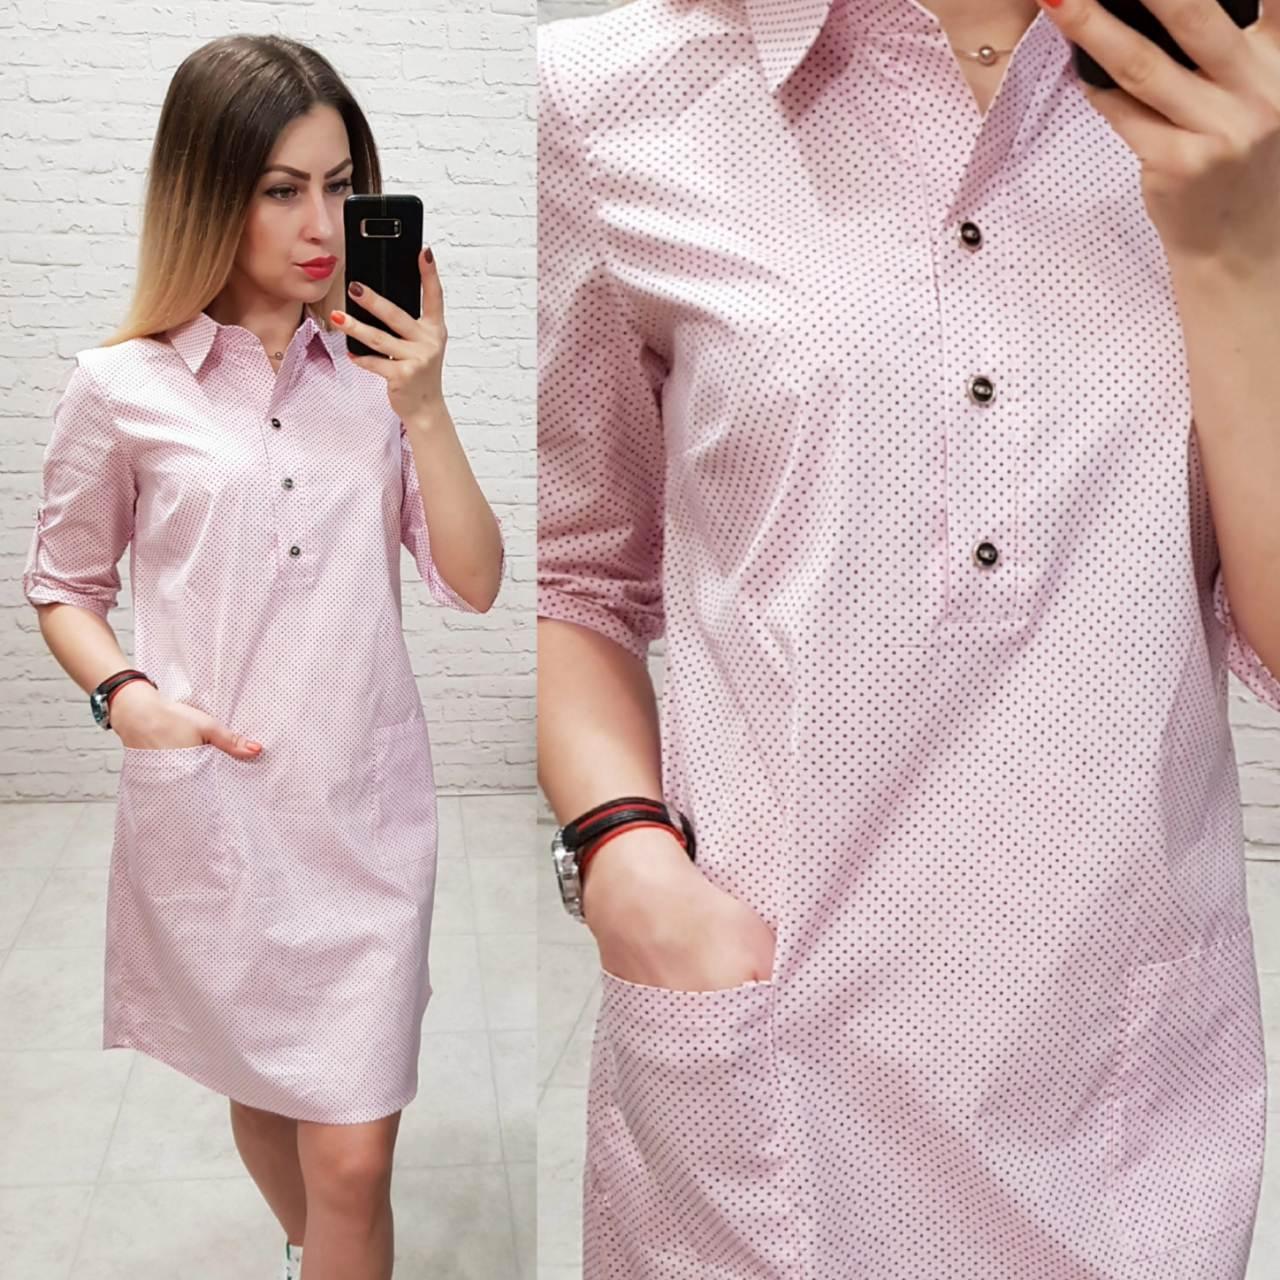 Платье-рубашка, модель 831, в 12-ти расцветках